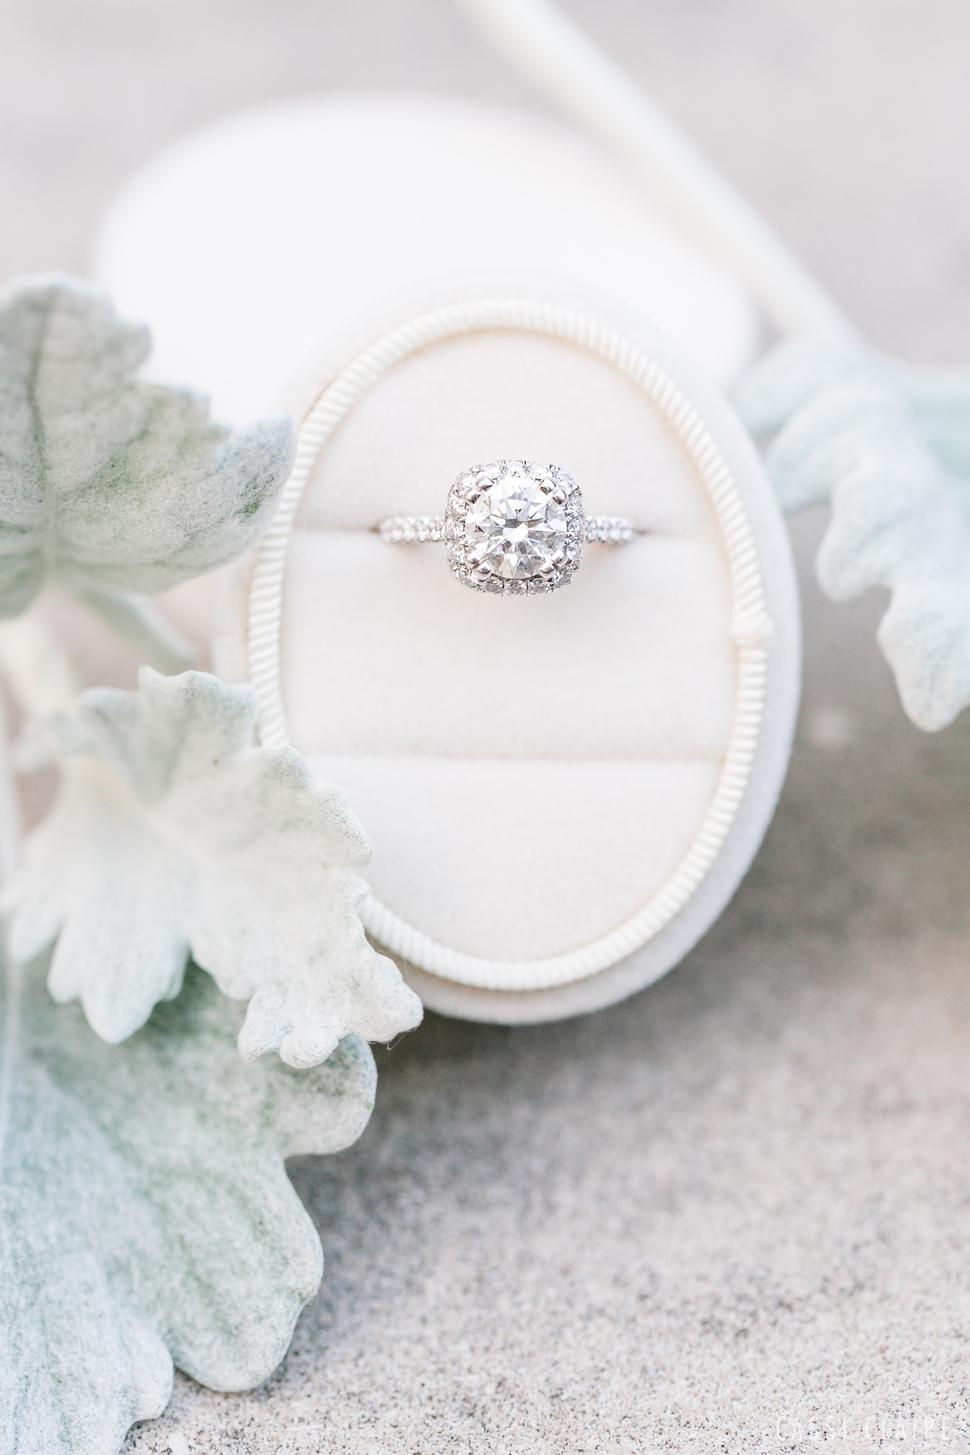 NJ-Engagement-Photos_Cassi-Claire_21.jpg